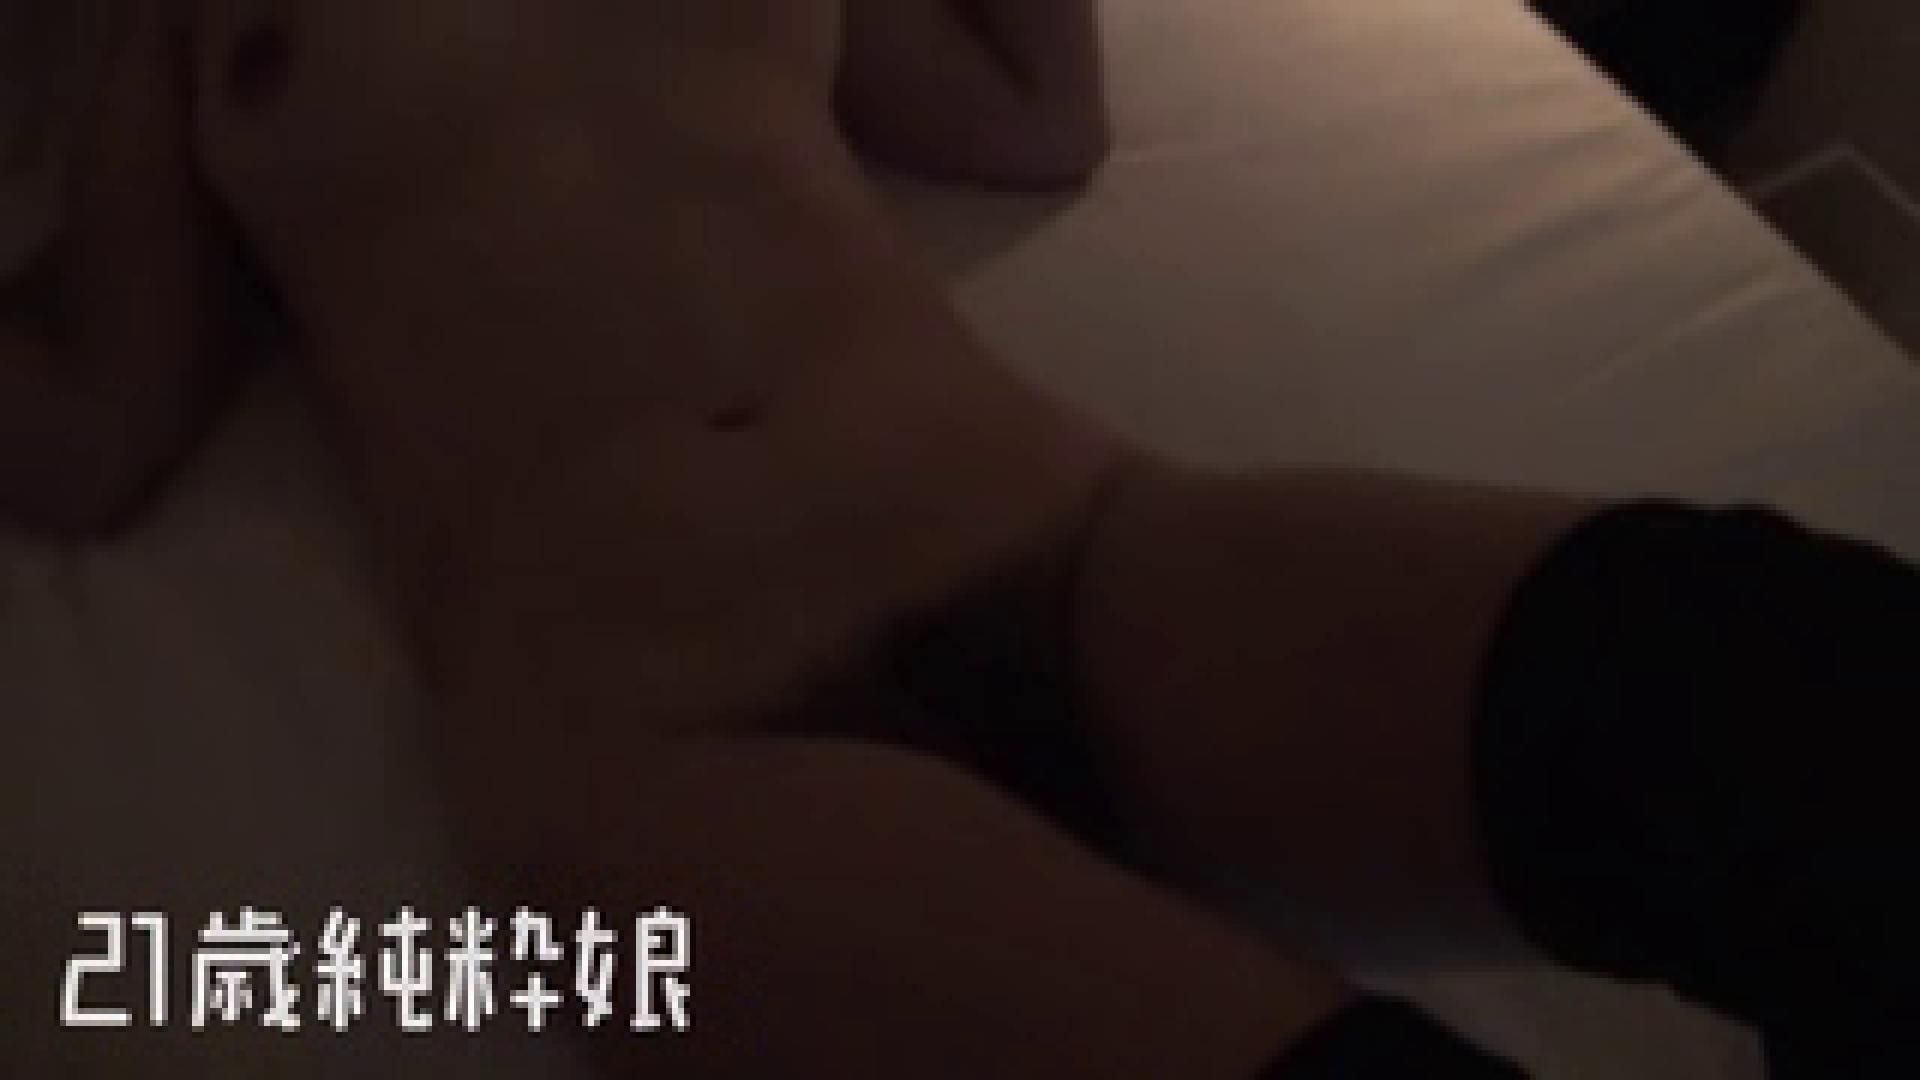 上京したばかりのGカップ21歳純粋嬢を都合の良い女にしてみた4 おっぱい娘 ヌード画像 61連発 26